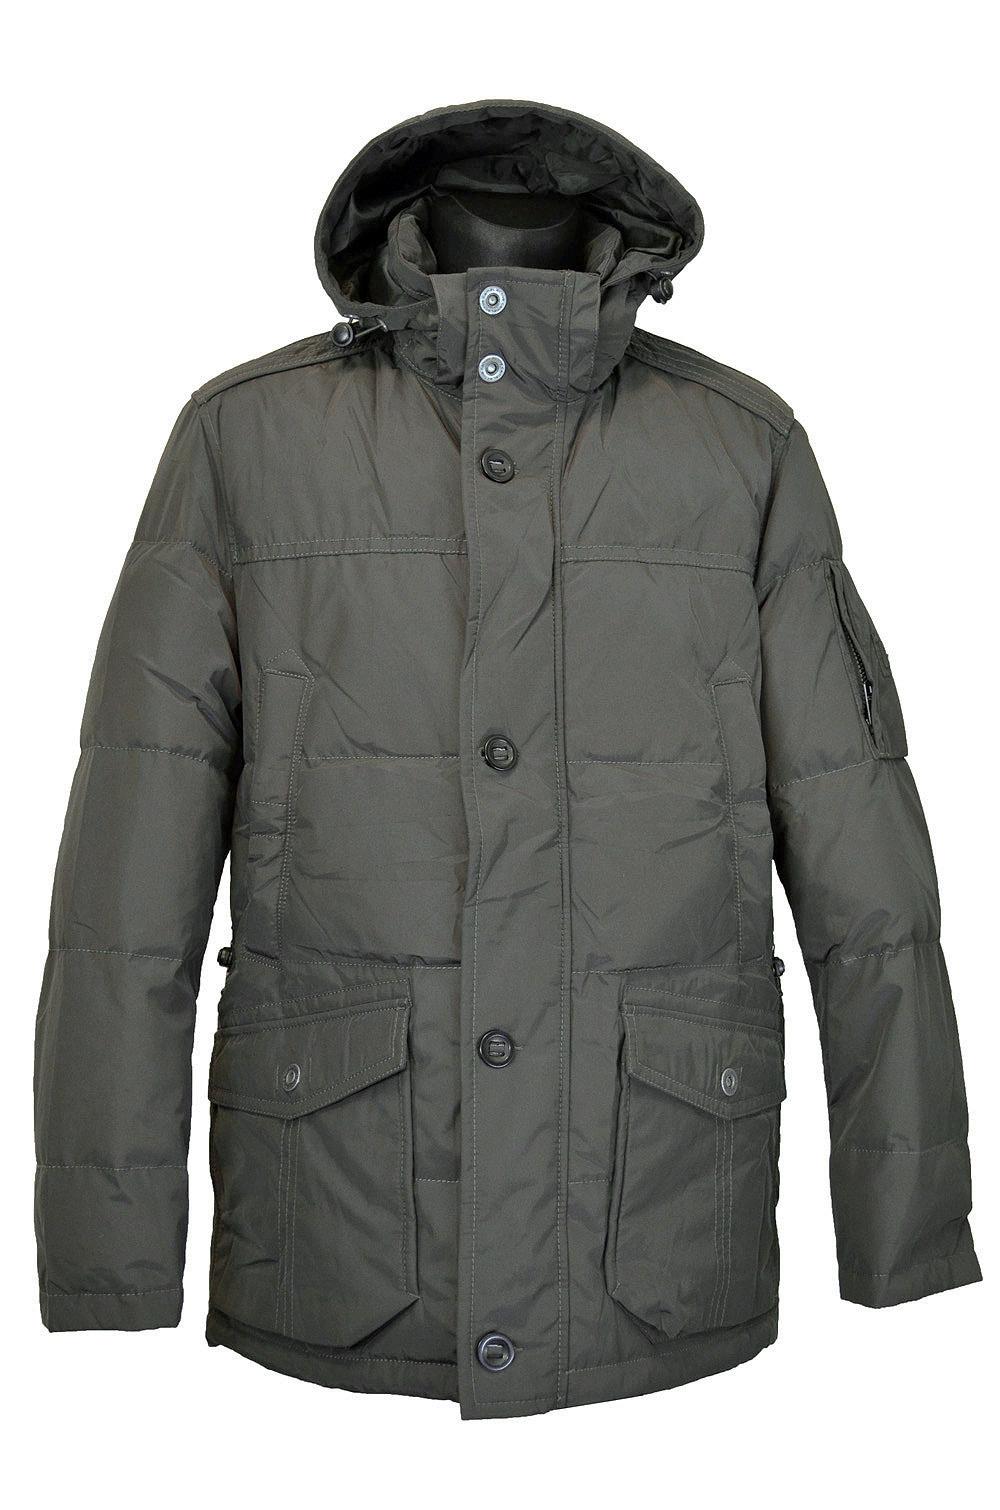 a9fa9f99856f Camel Active Киев - куртки, пуховики, одежда Кэмел Актив купить в ...